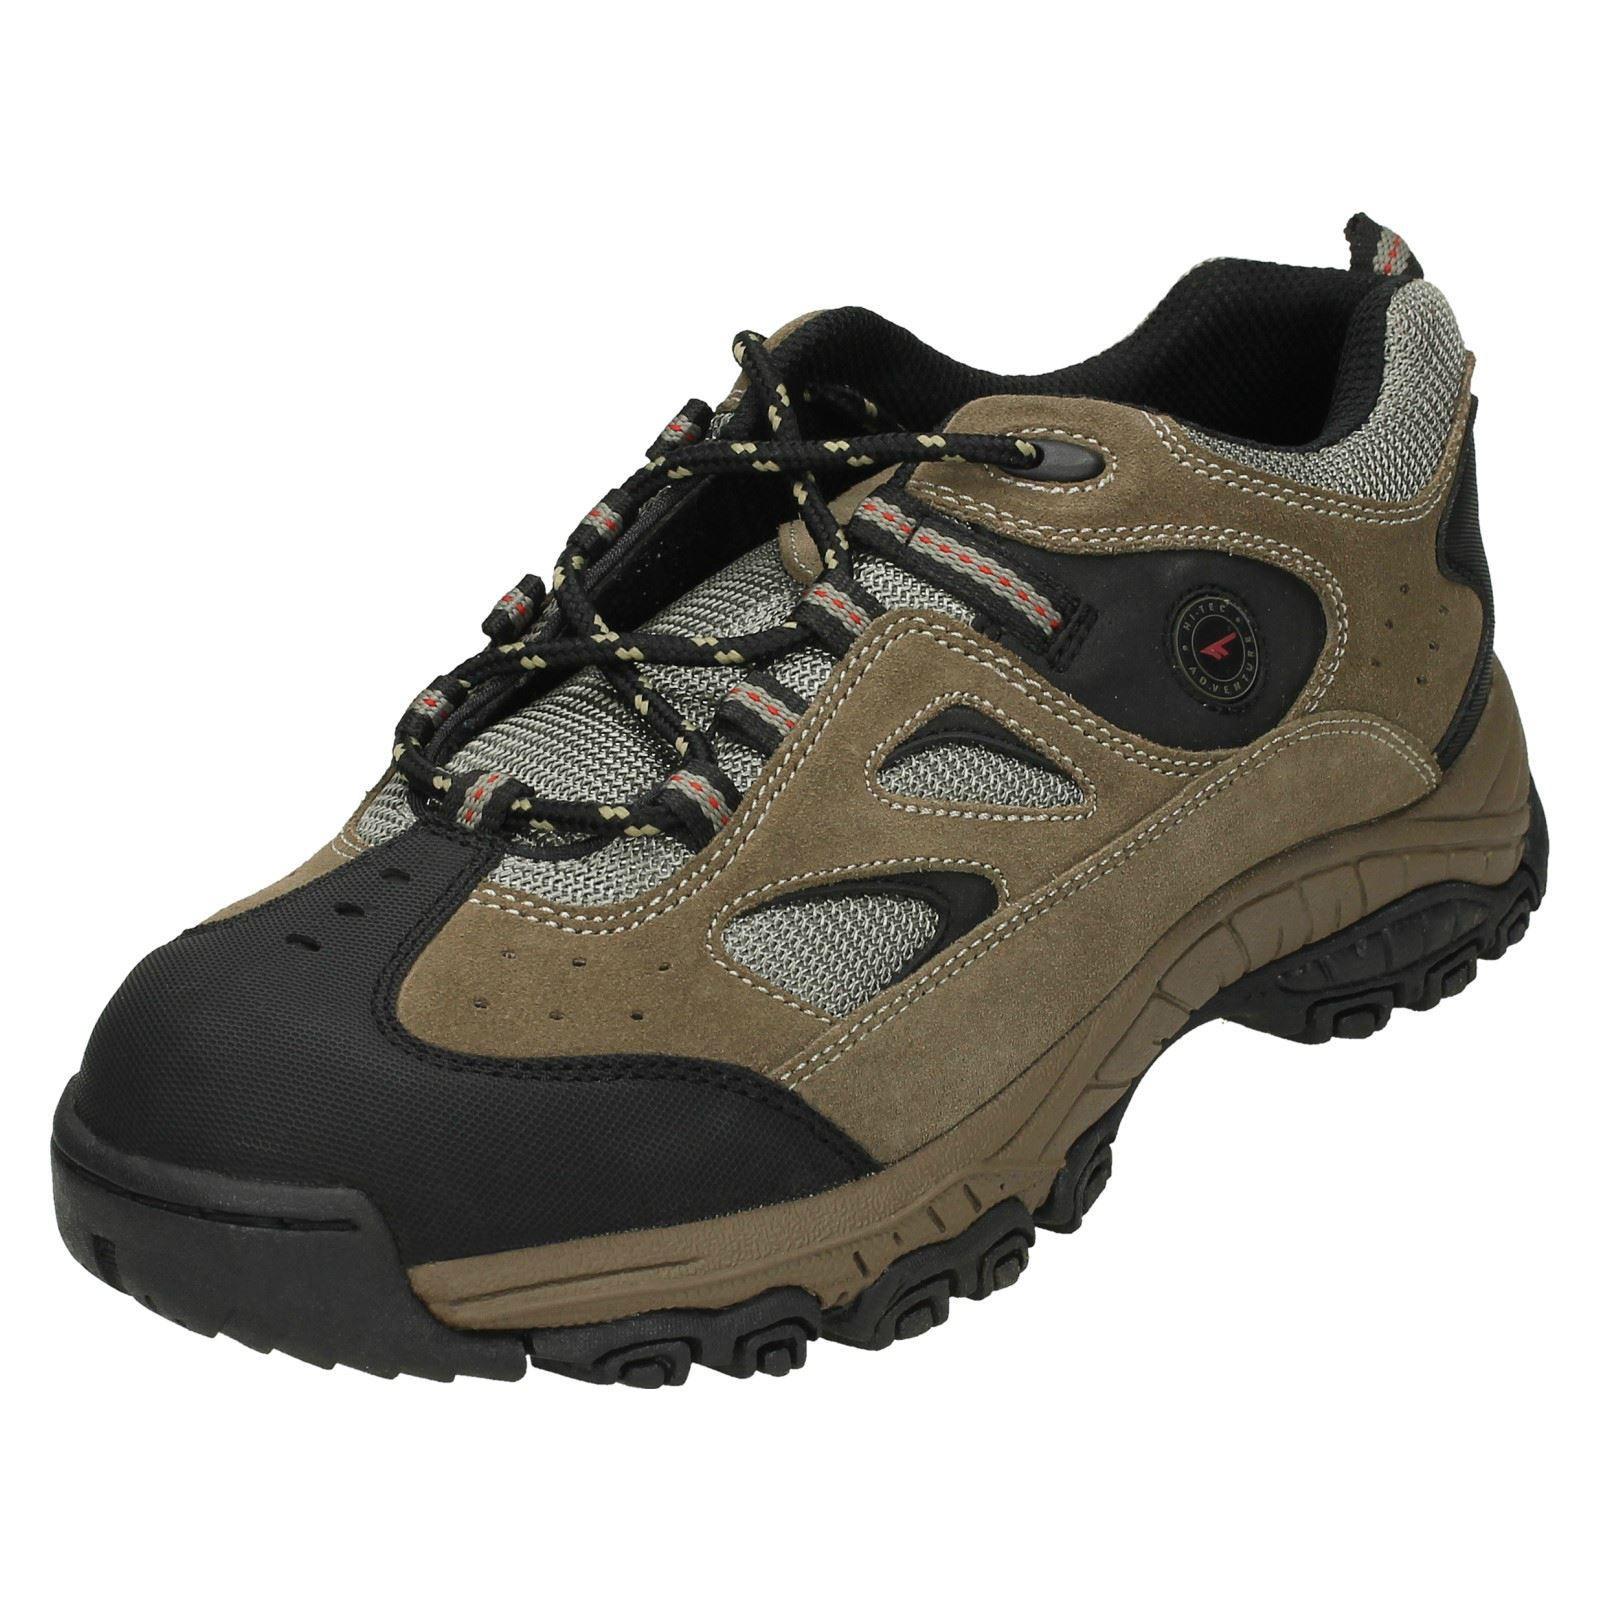 Uomo Hi-Tec Hiking Stiefel Stiefel Hiking 'Tornado' 576de7